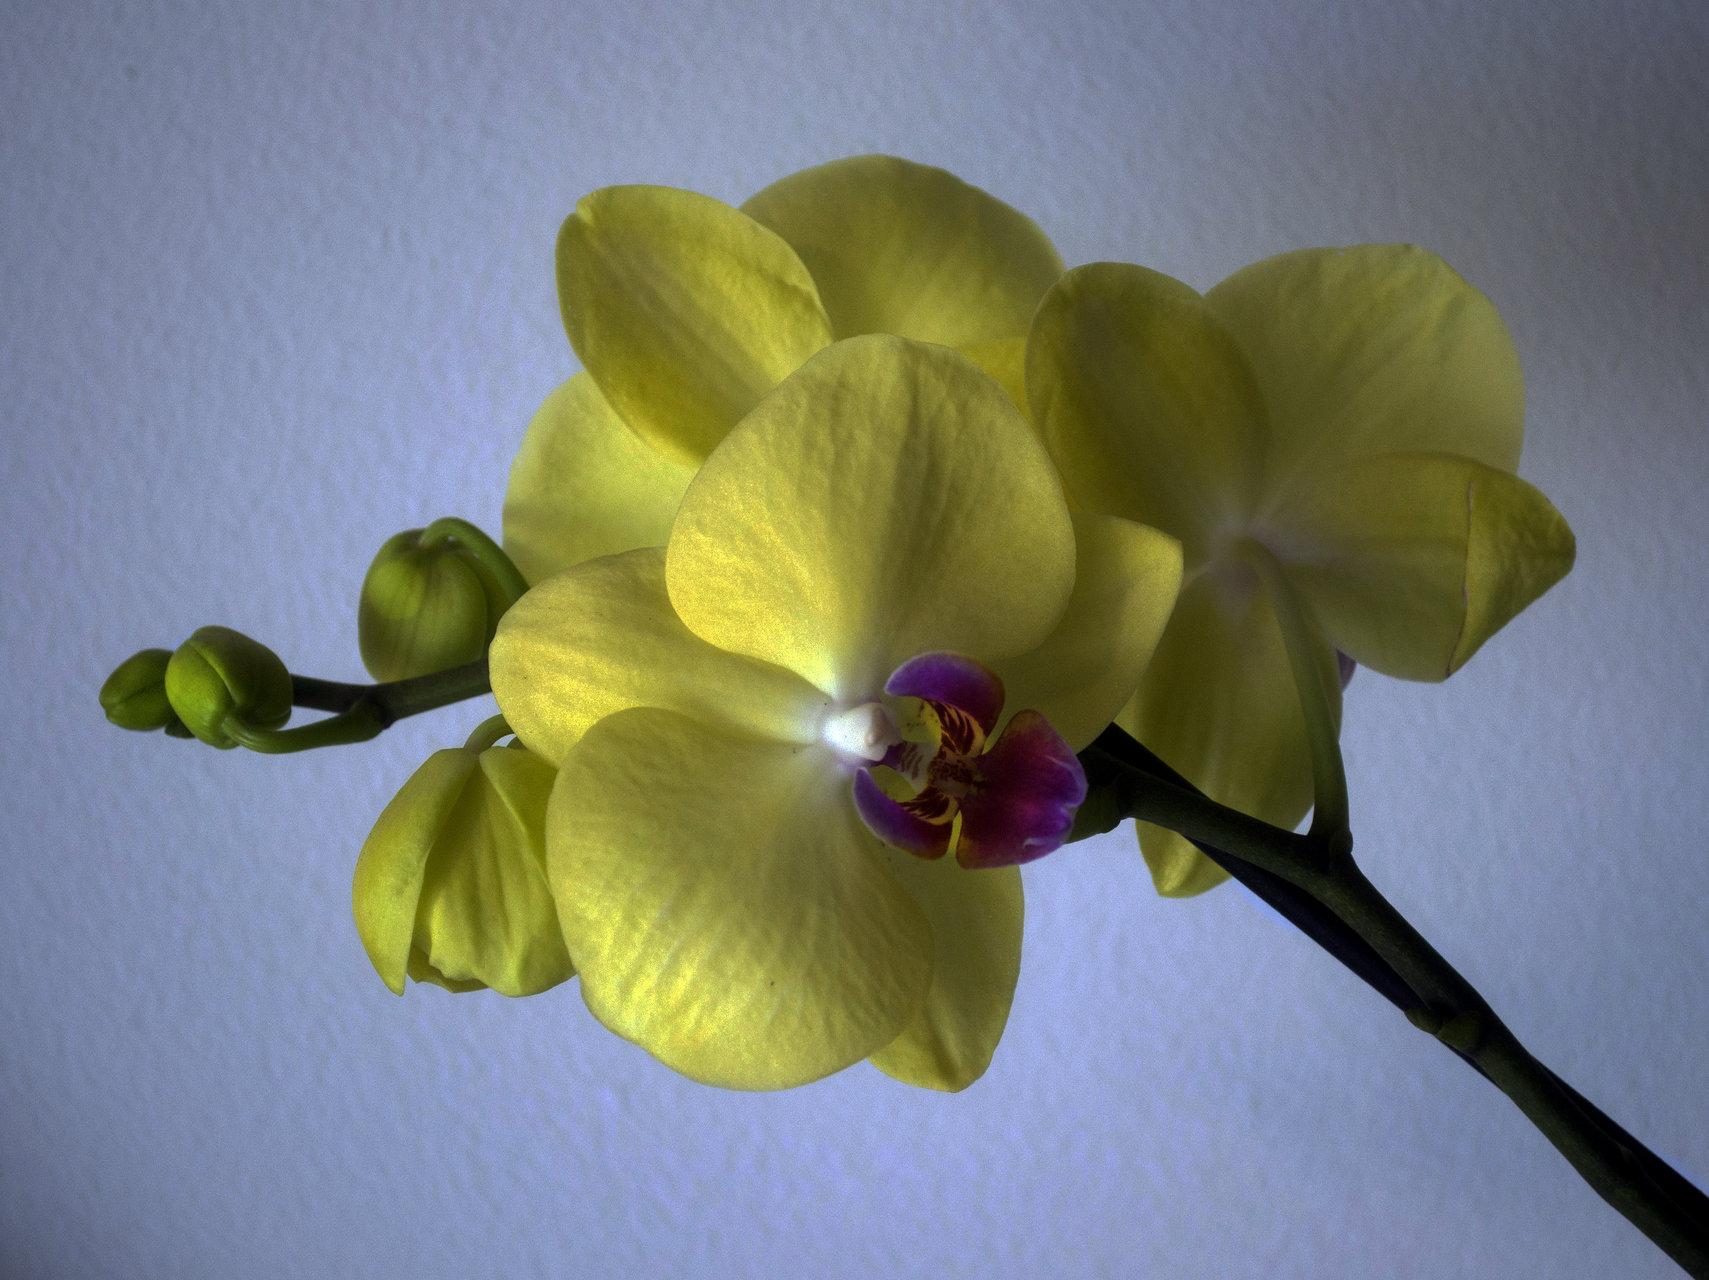 природа | Author [3-days annonimity] | PHOTO FORUM